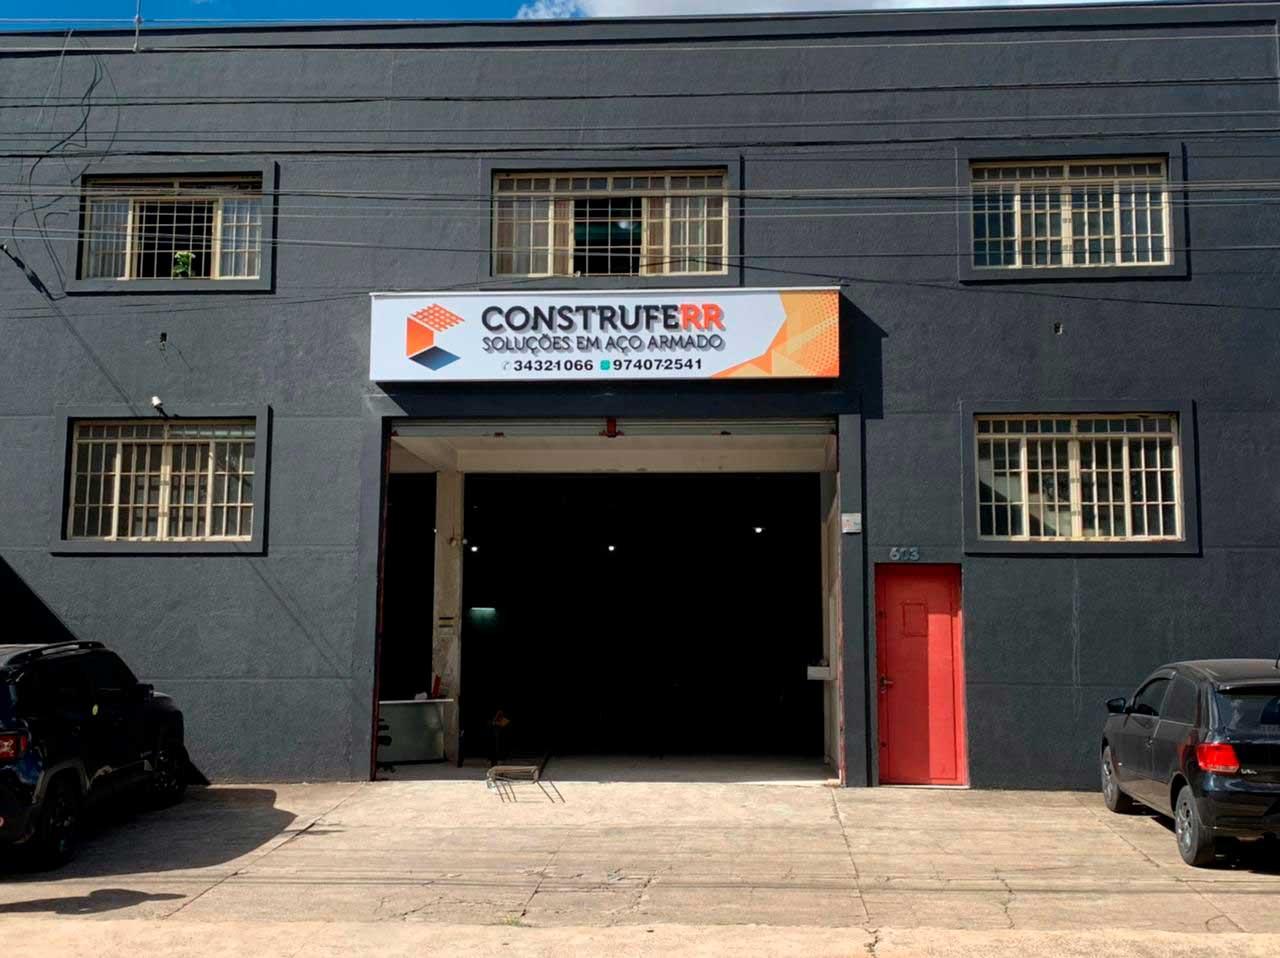 fachada-construferr